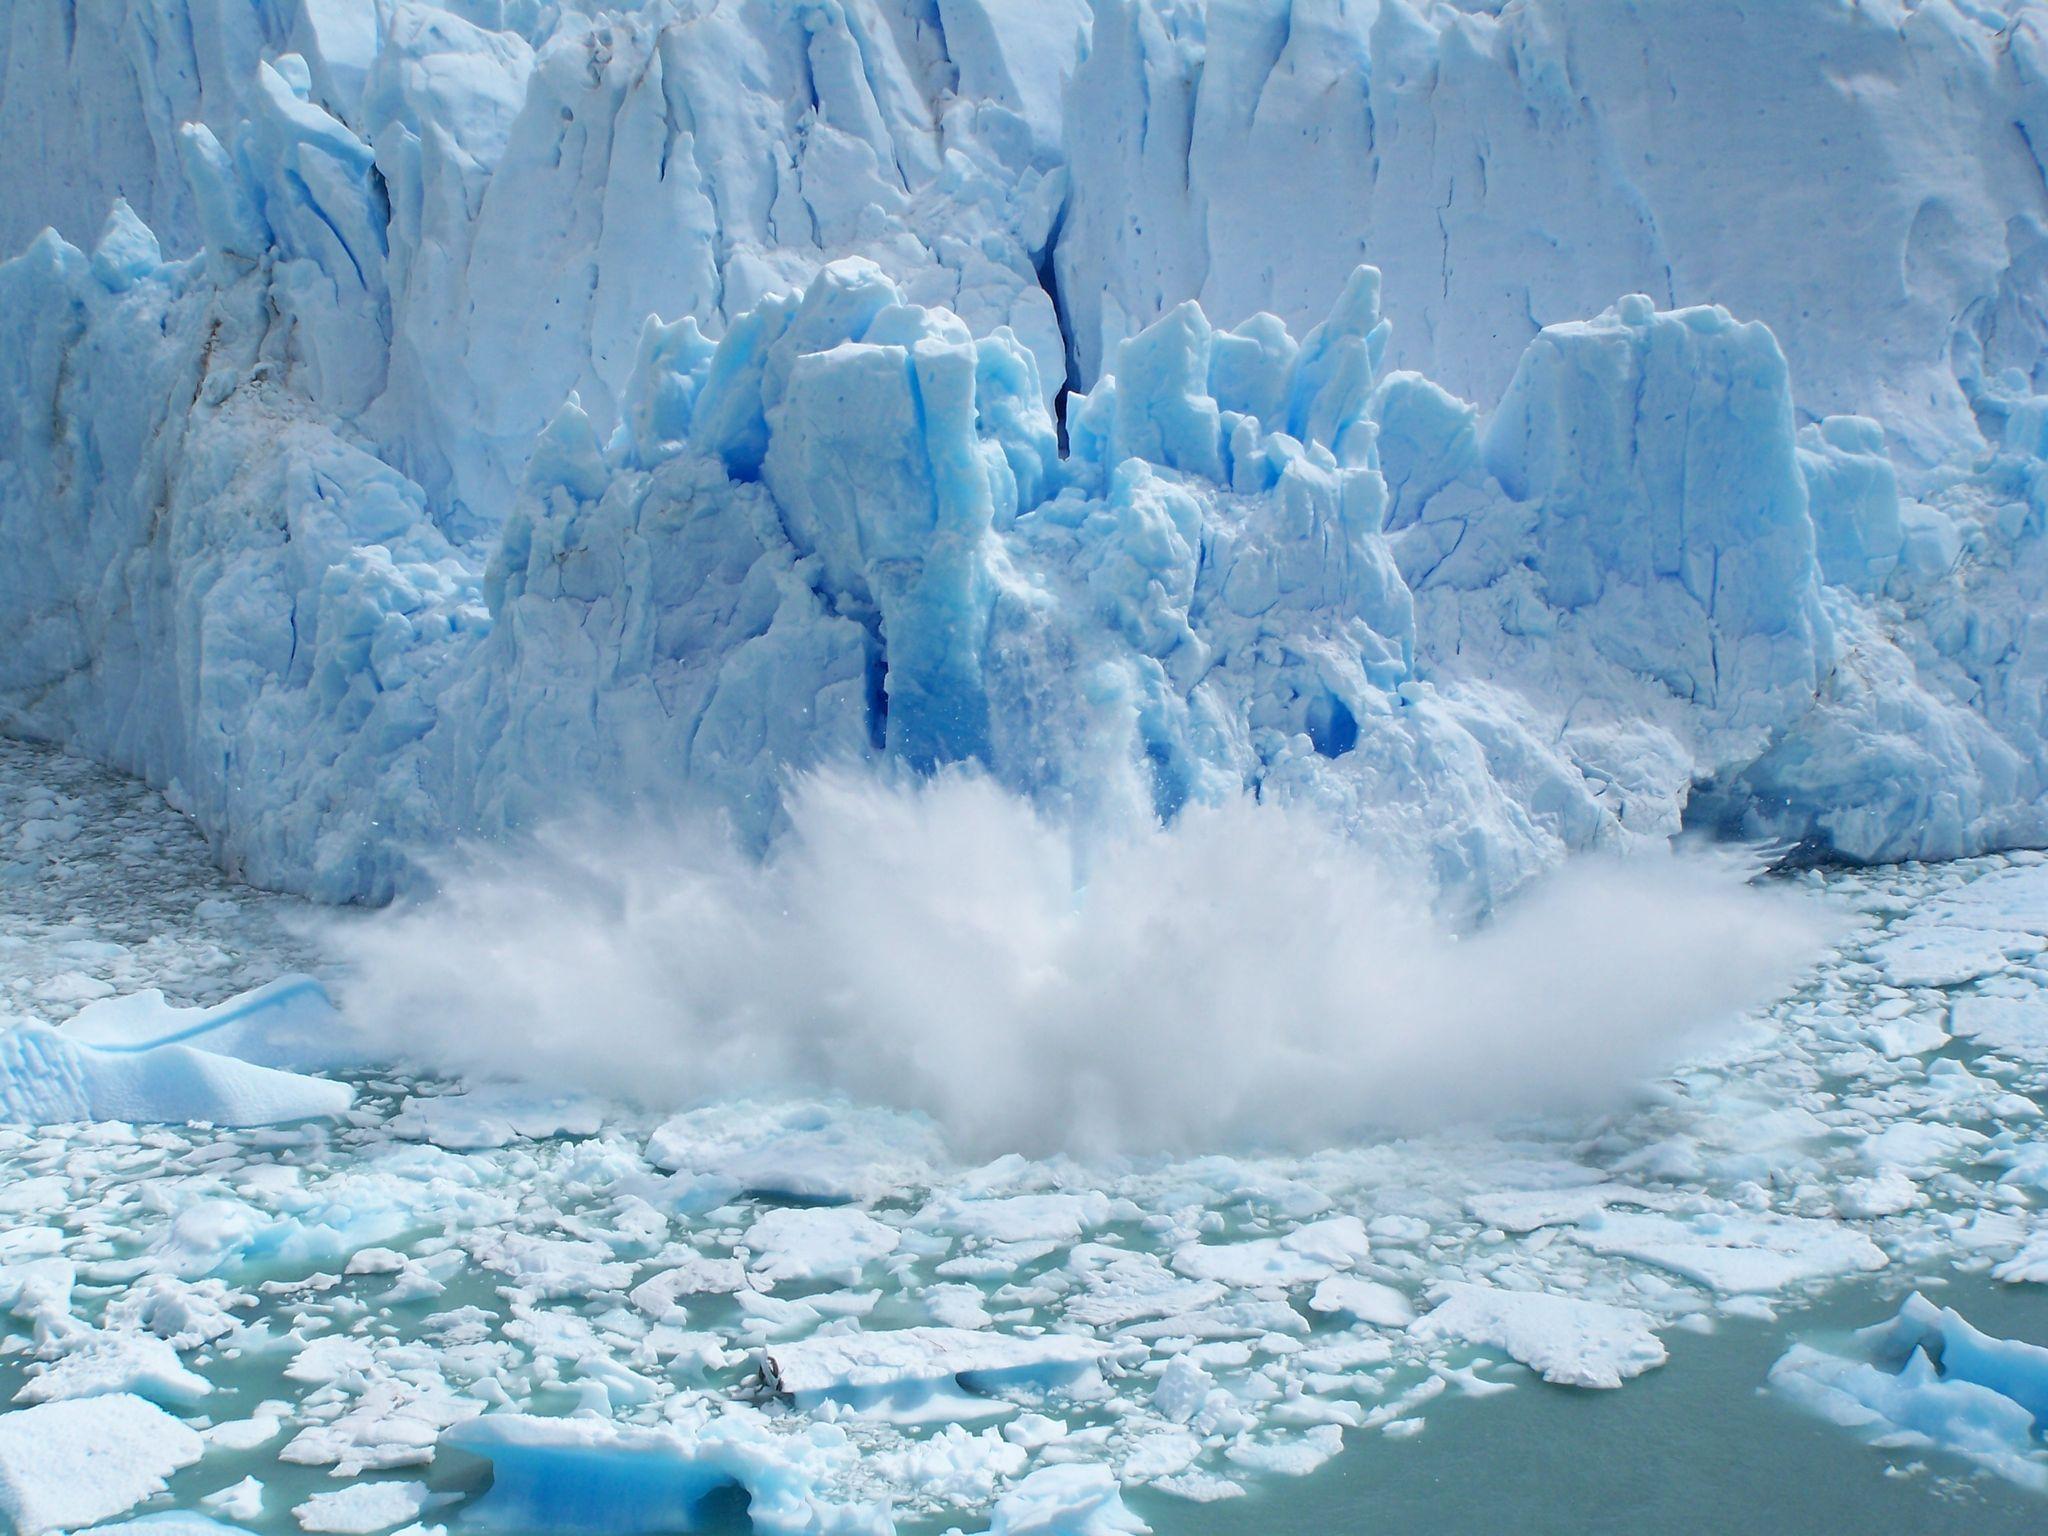 Imperdible espectáculo: comenzó el desprendimiento del Glaciar Perito Moreno